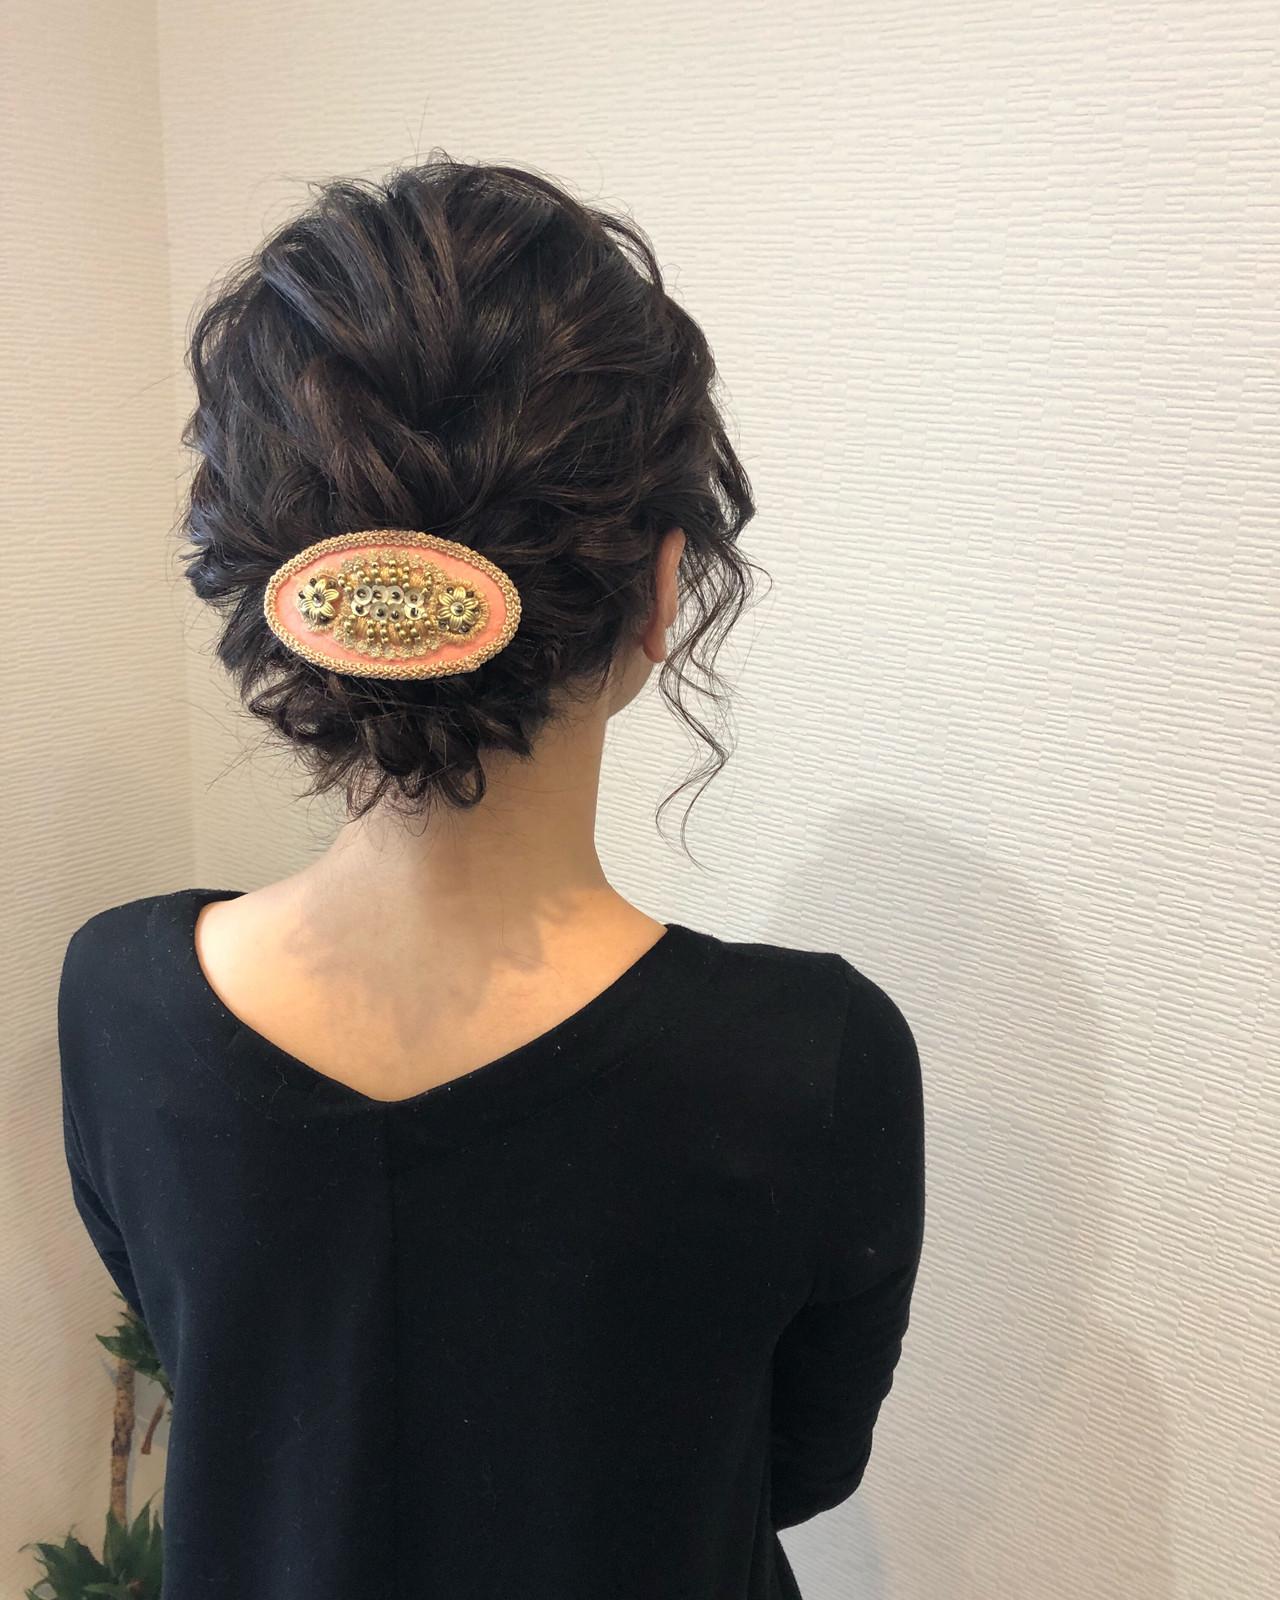 アップ フェミニン アップスタイル ボブ ヘアスタイルや髪型の写真・画像